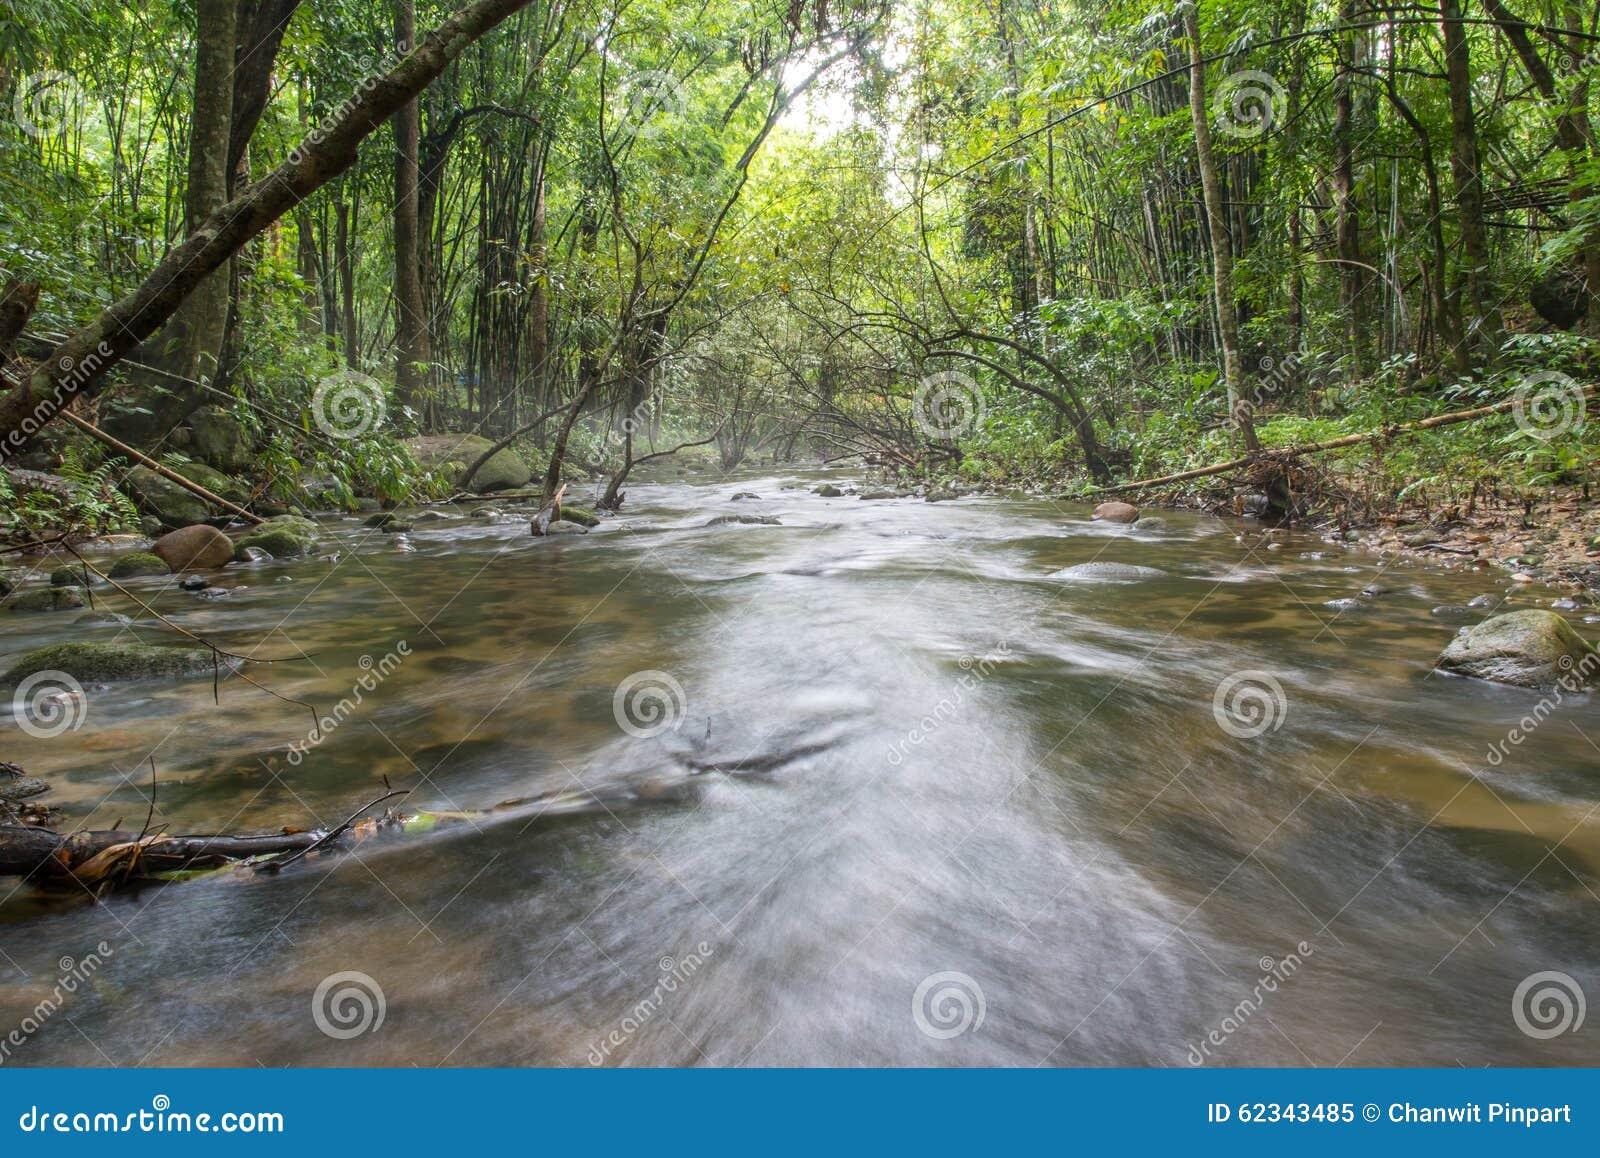 Rivière profondément dans la forêt tropicale de montagne